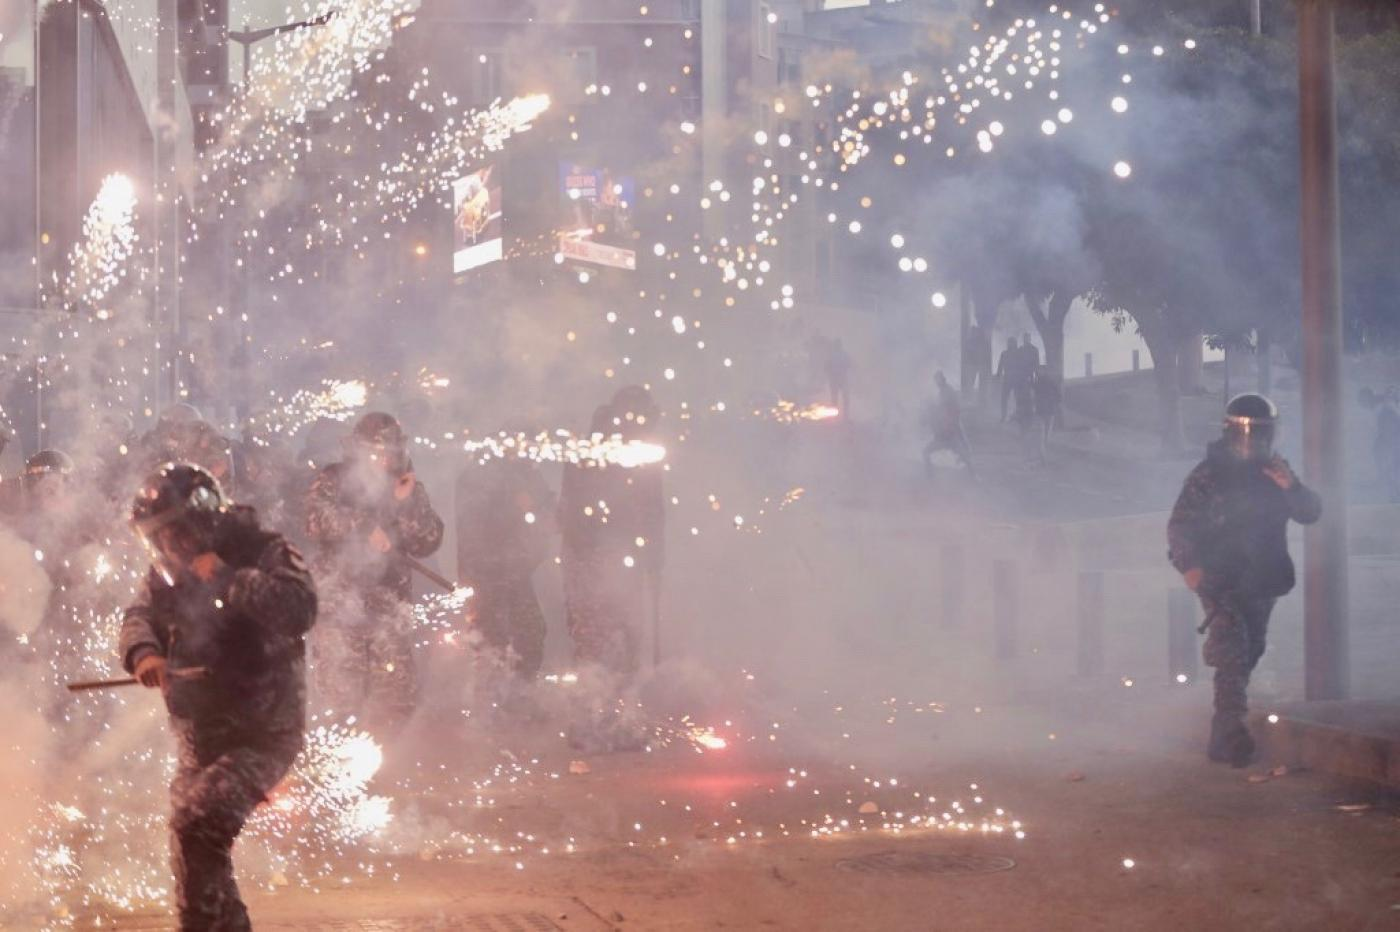 شرطة مكافحة الشغب اللبنانية وسط الألعاب النارية التي ألقاها أنصار مجموعات حزب الله وحركة أمل الشيعية اللبنانية خلال اشتباكات في بيروت يوم السبت (أ ف ب)